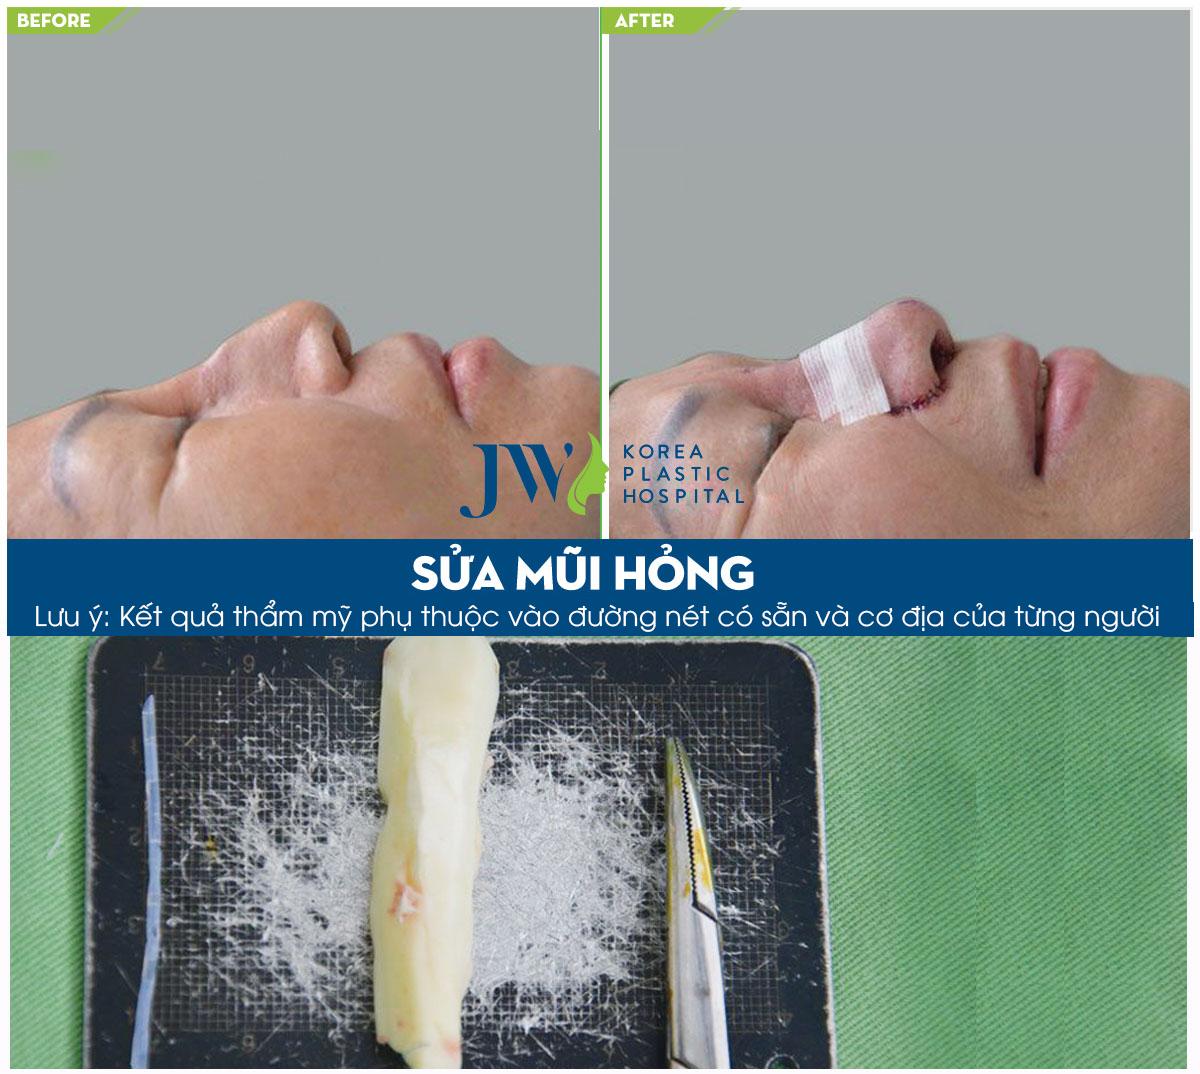 hình ảnh trước và sau khi sửa mũi hỏng